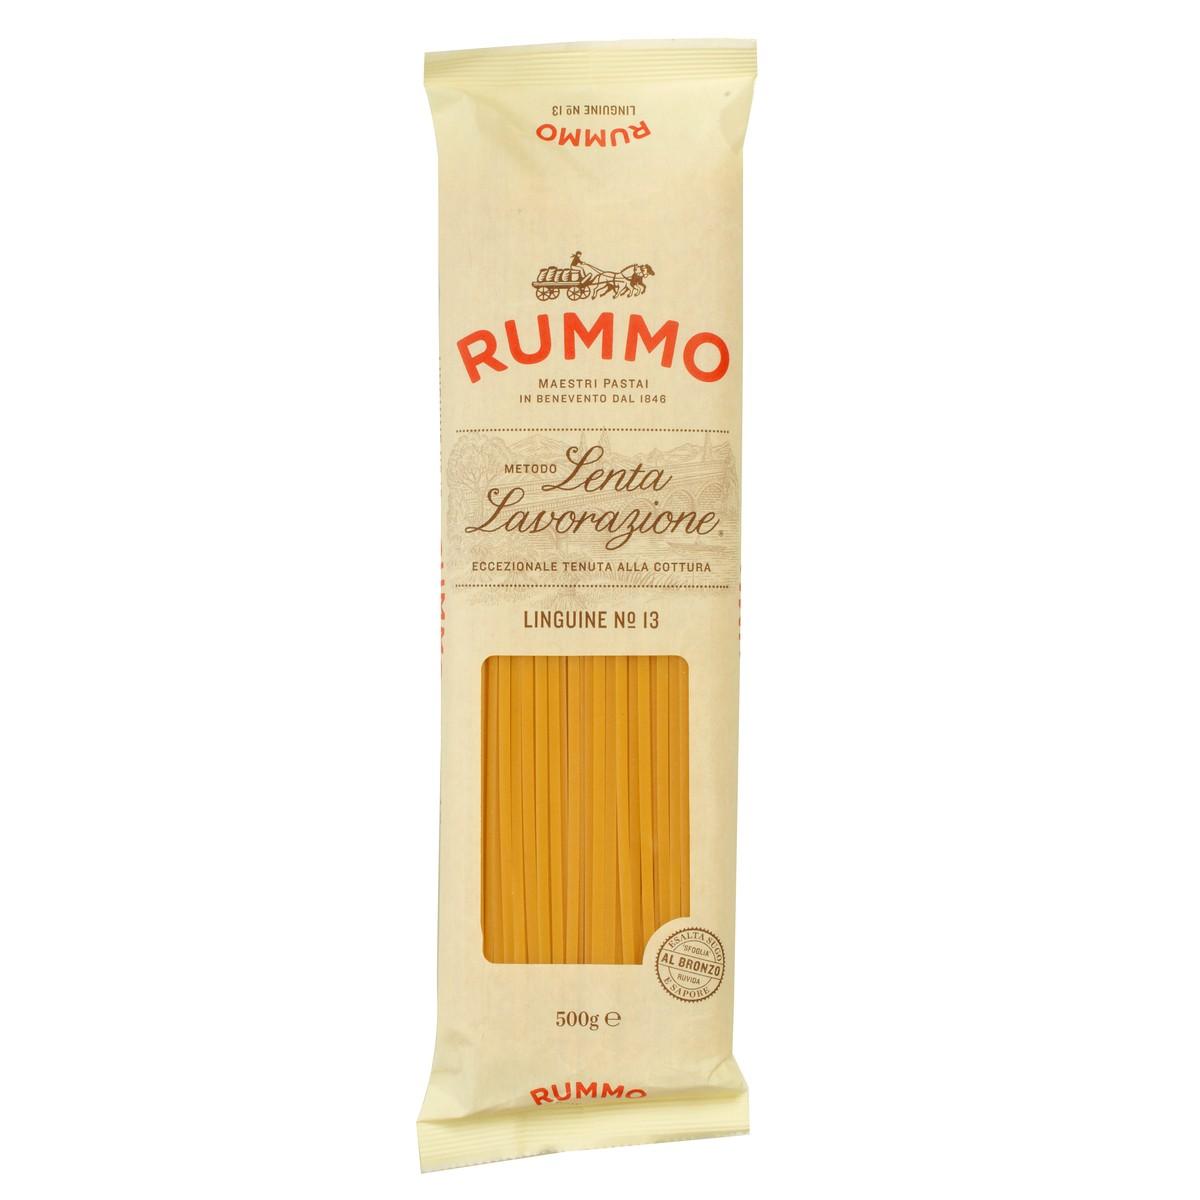 RUMMO Linguine n.13